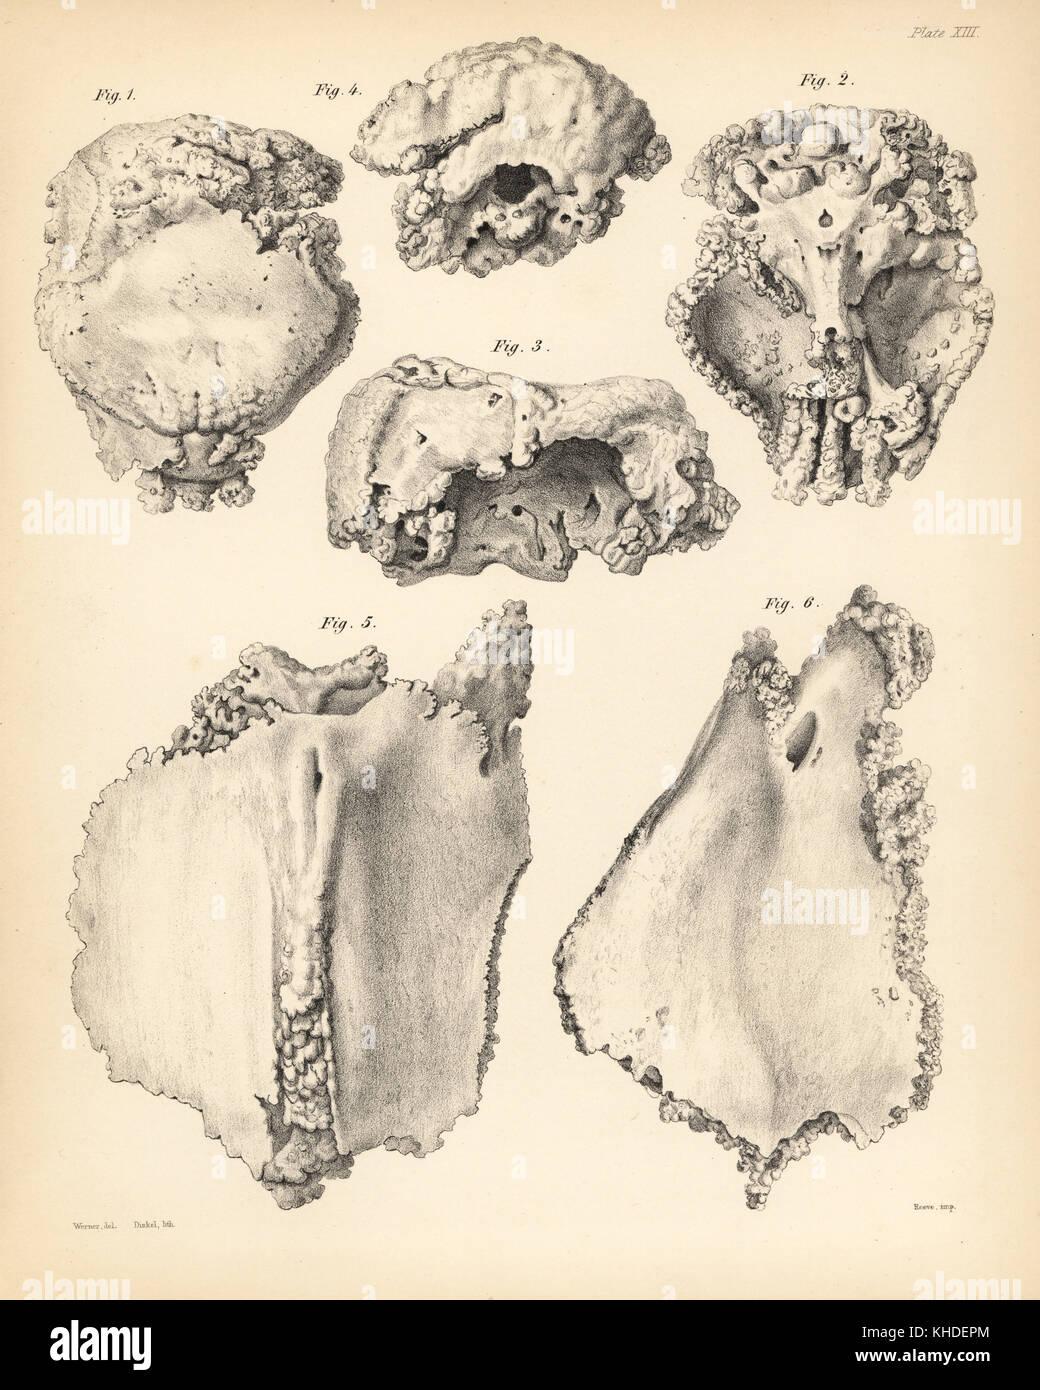 Atemberaubend Bild Des Brustbeins Galerie - Anatomie Ideen - finotti ...